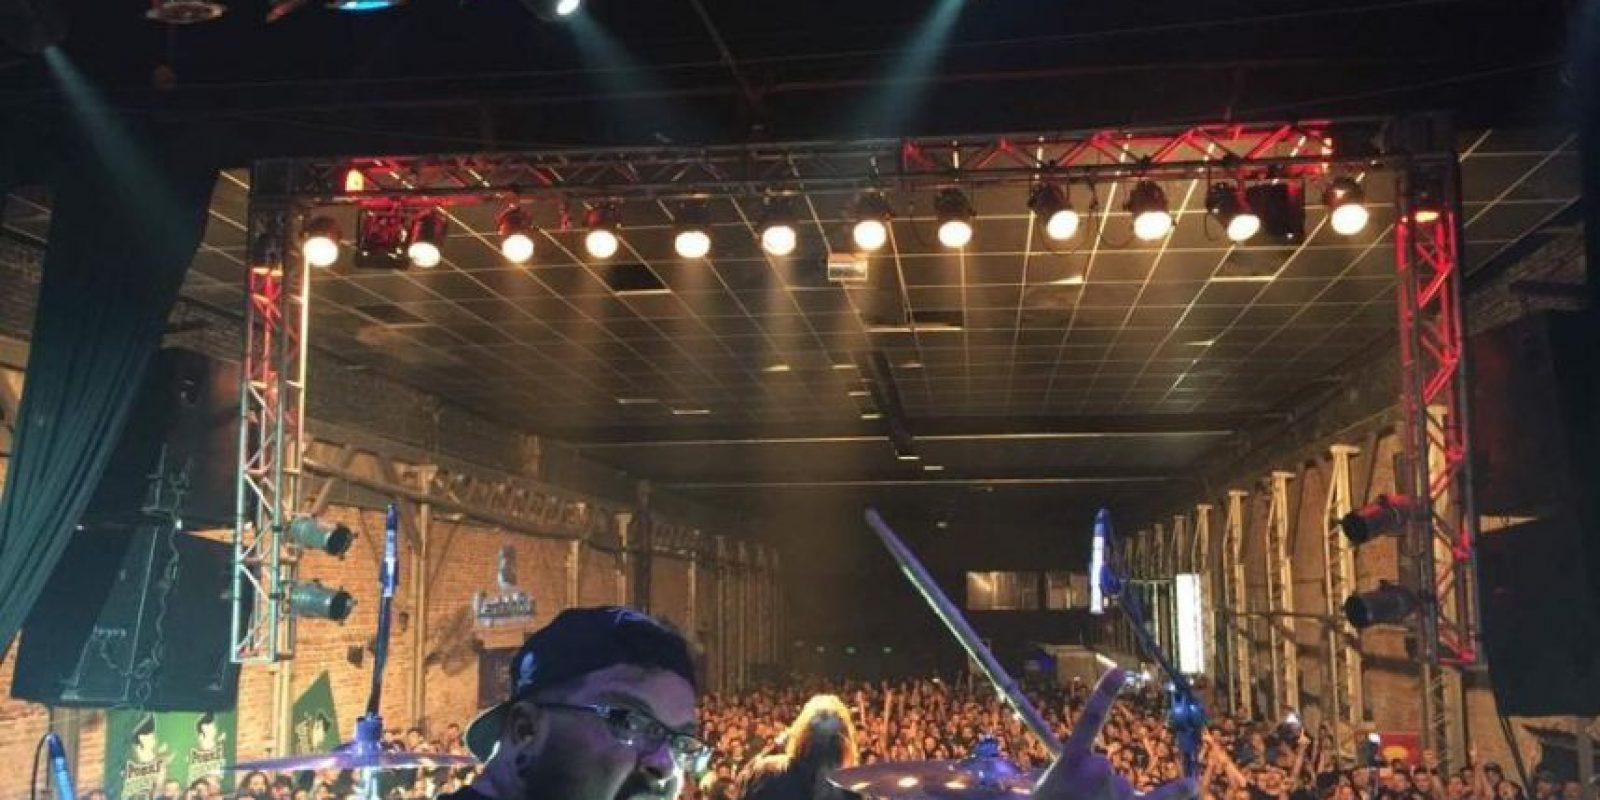 Concierto de Soulfly en Brasil Foto:Fuente externa